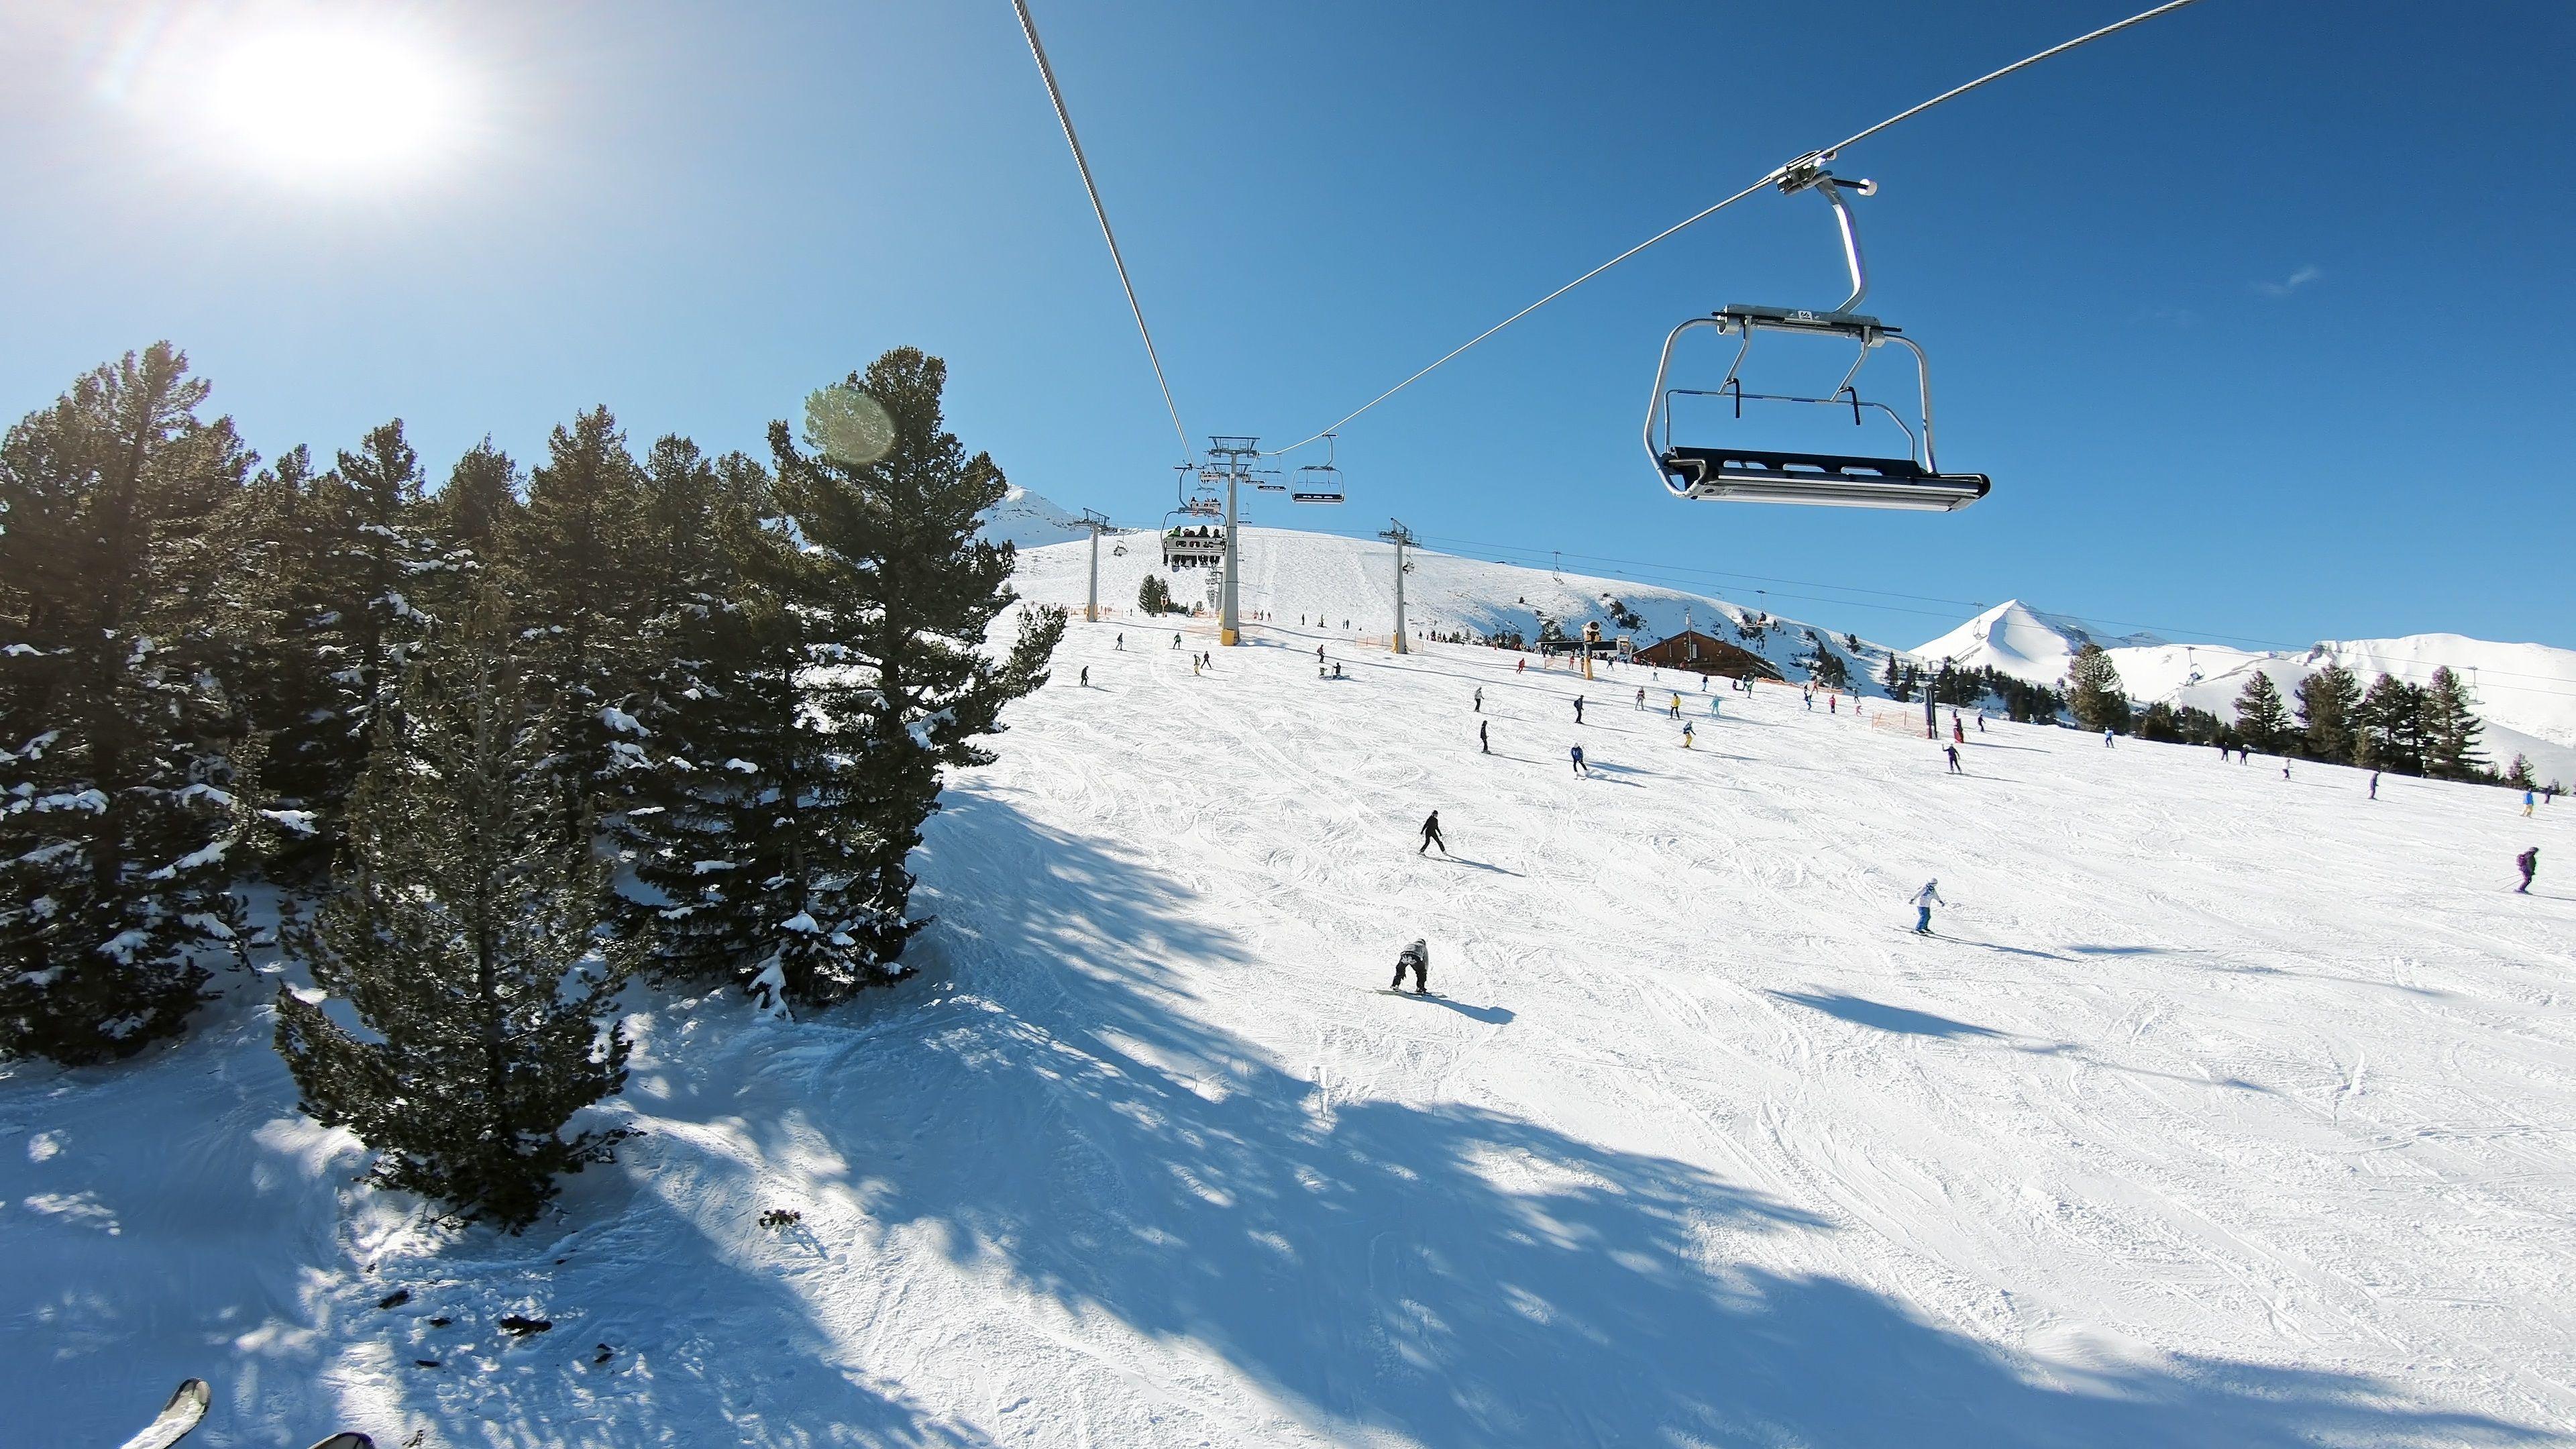 Ecco il posto più economico (ma bellissimo) per sciare quest'inverno